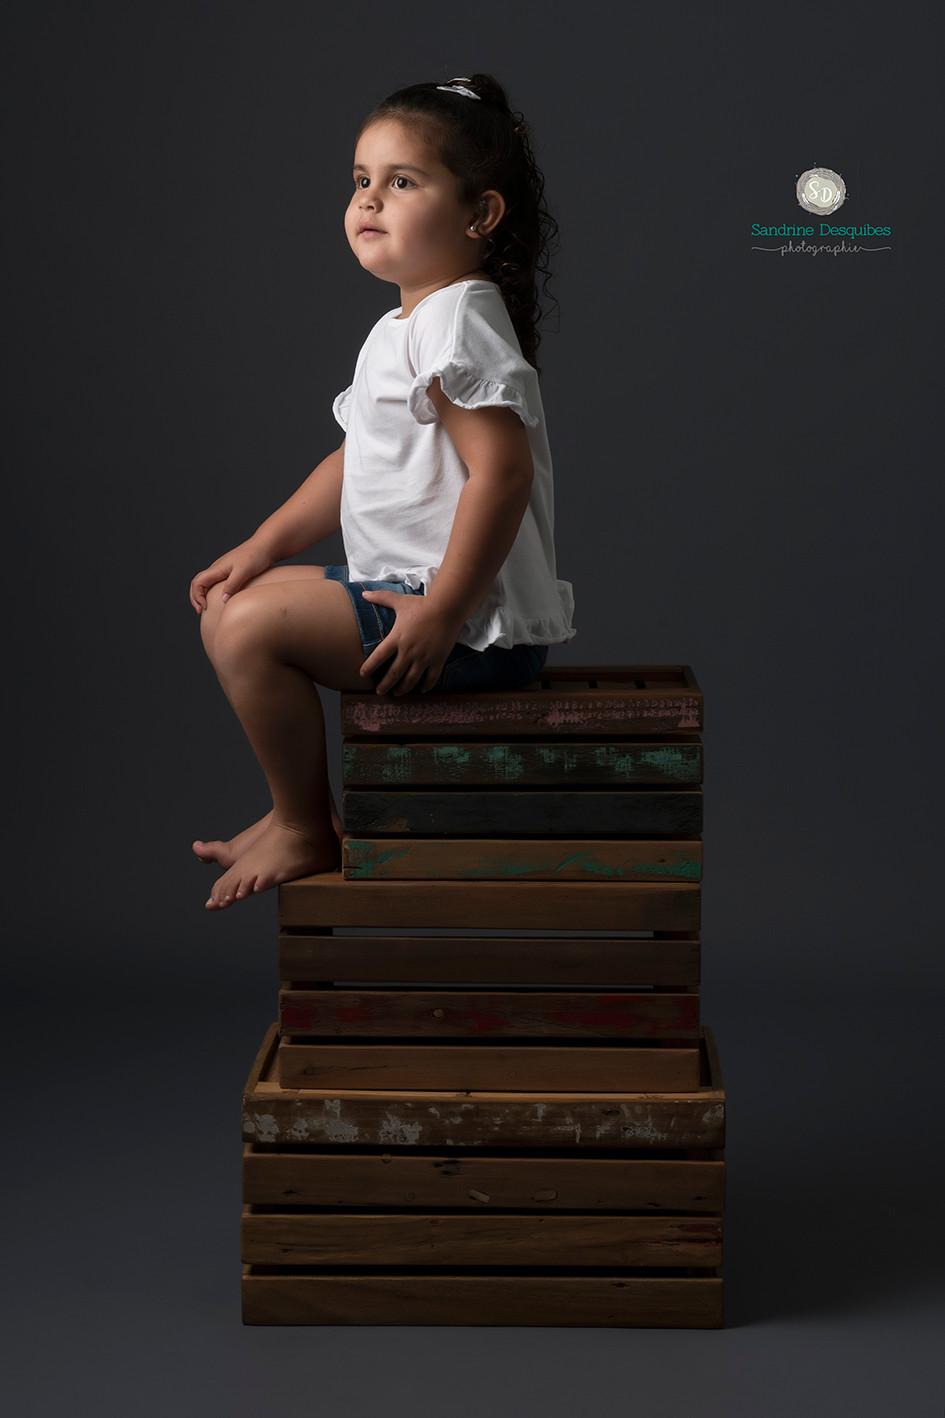 Sandrine Desquibes Photographe Nouméa